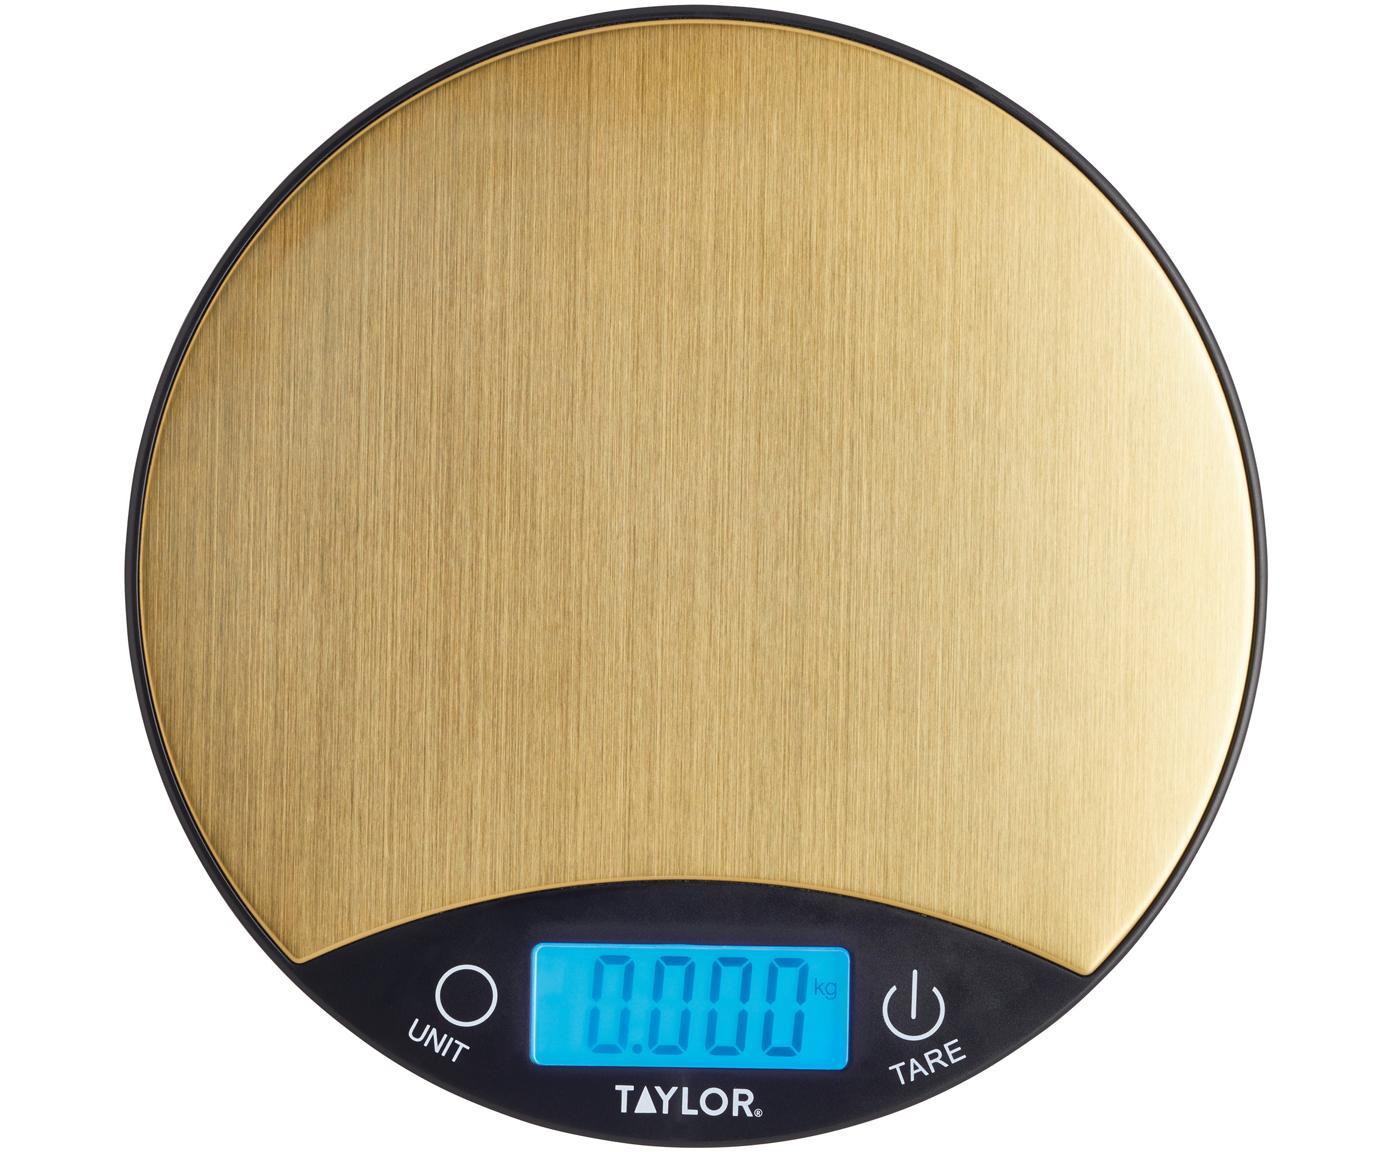 Balanza de cocina digital Garda, Acero inoxidable, Dorado, negro, Ø 20 cm